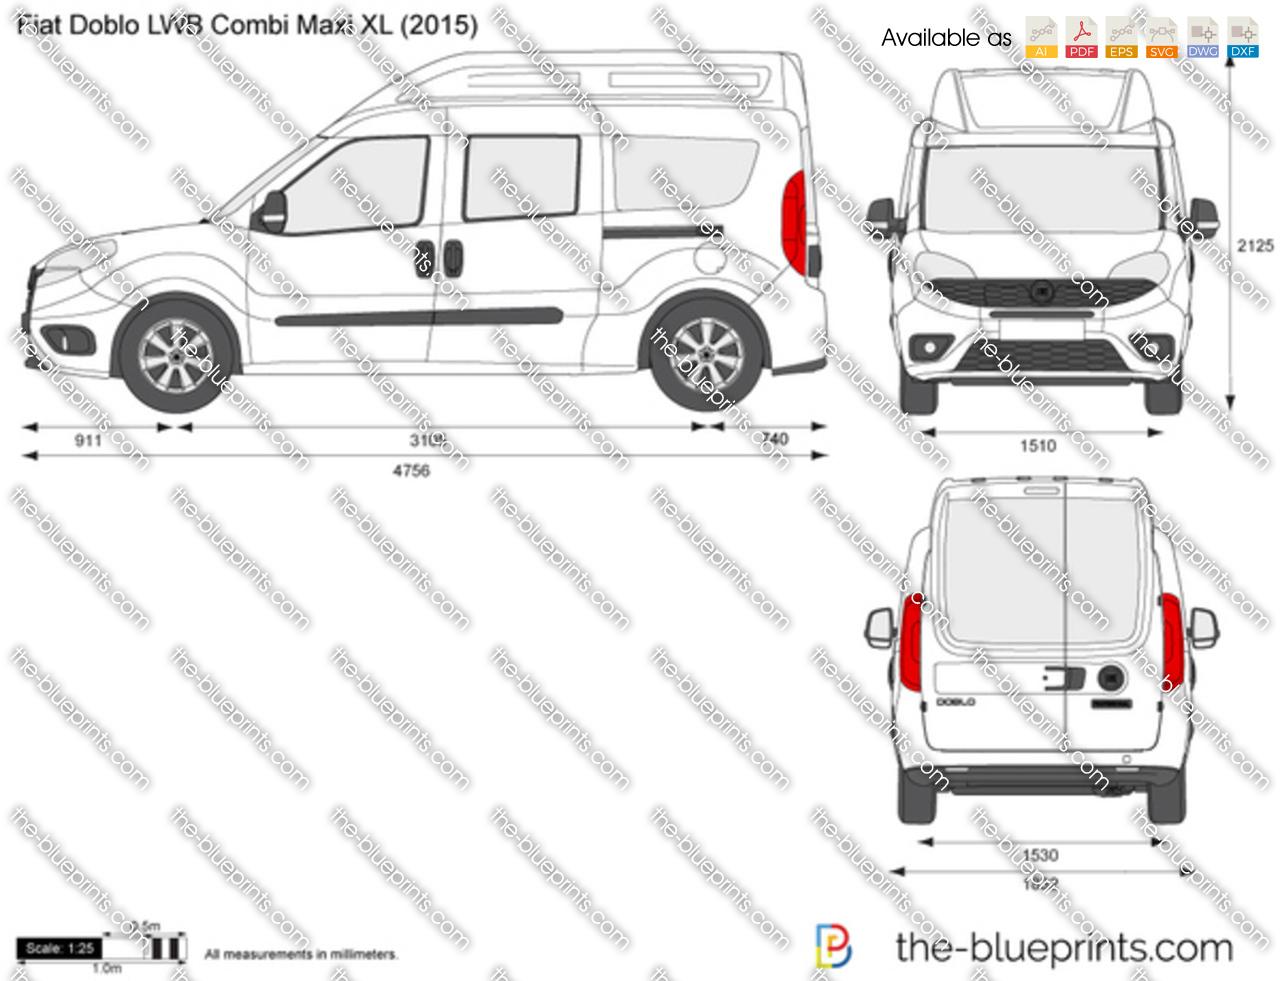 The Vector Drawing Fiat Doblo LWB Combi Maxi XL